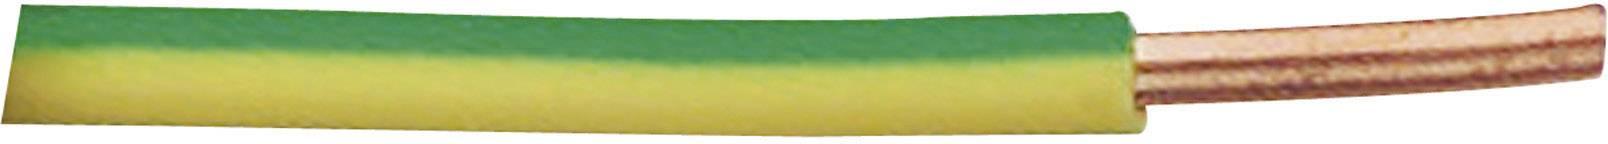 Drátové vedení XBK-Kabel H07V-U, 1x 2,50 mm², PVC, 4 mm², Ø 4,10 mm, 1 m, zelenožlutá